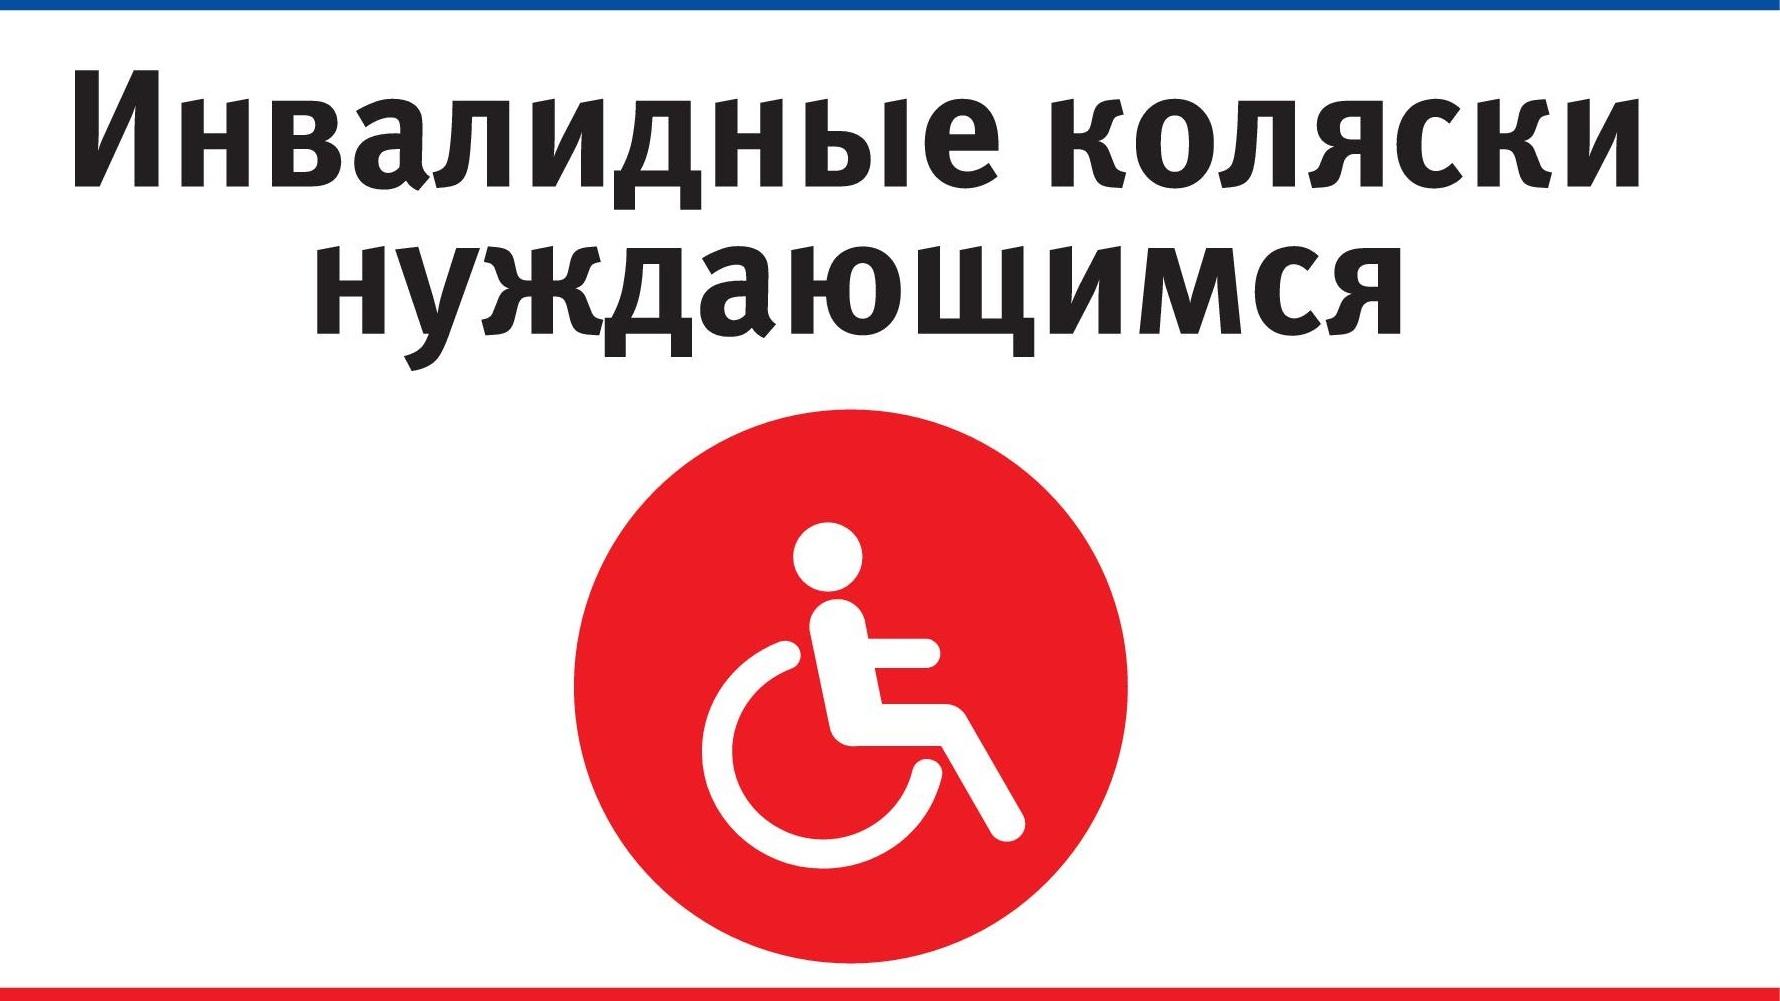 Инвалидные коляски вырвались вперёд